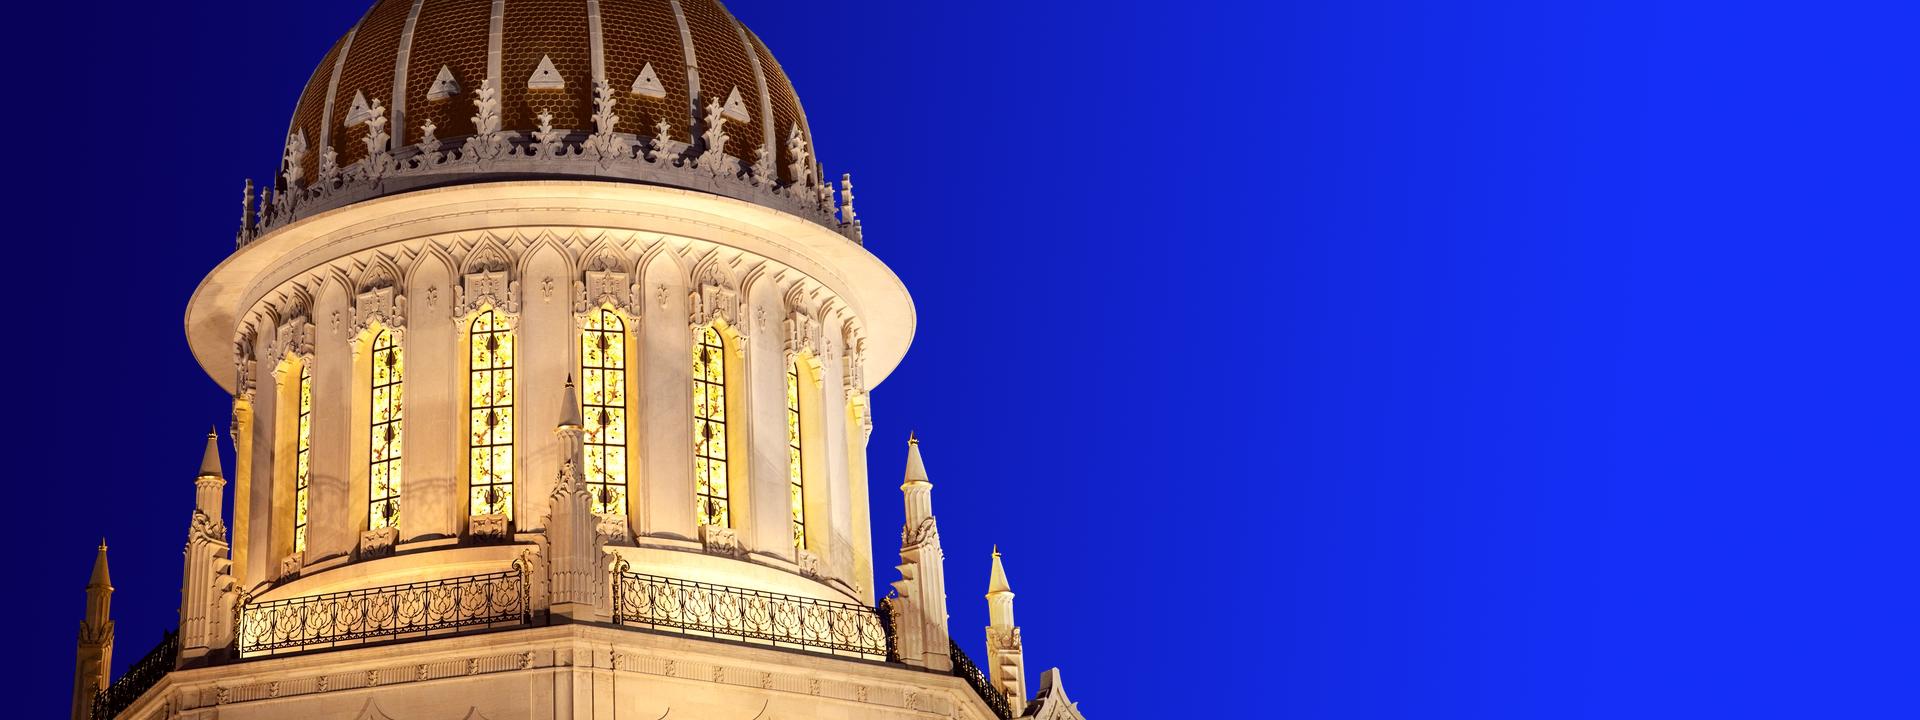 La Fe Bahá'í